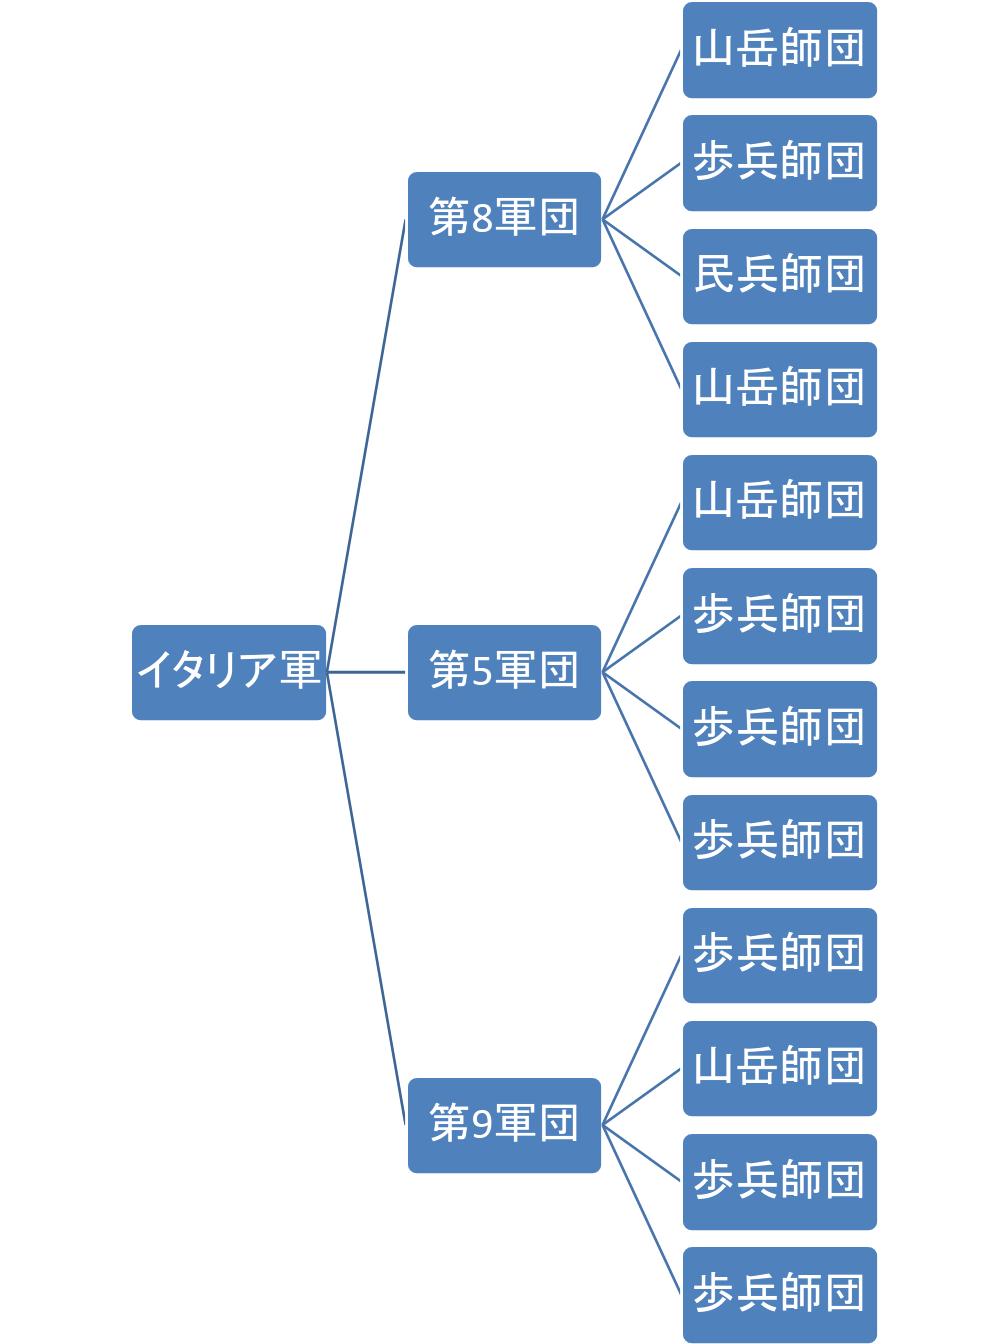 部隊編成の参考資料: 仁科二等兵ニコニコ支店のブログ